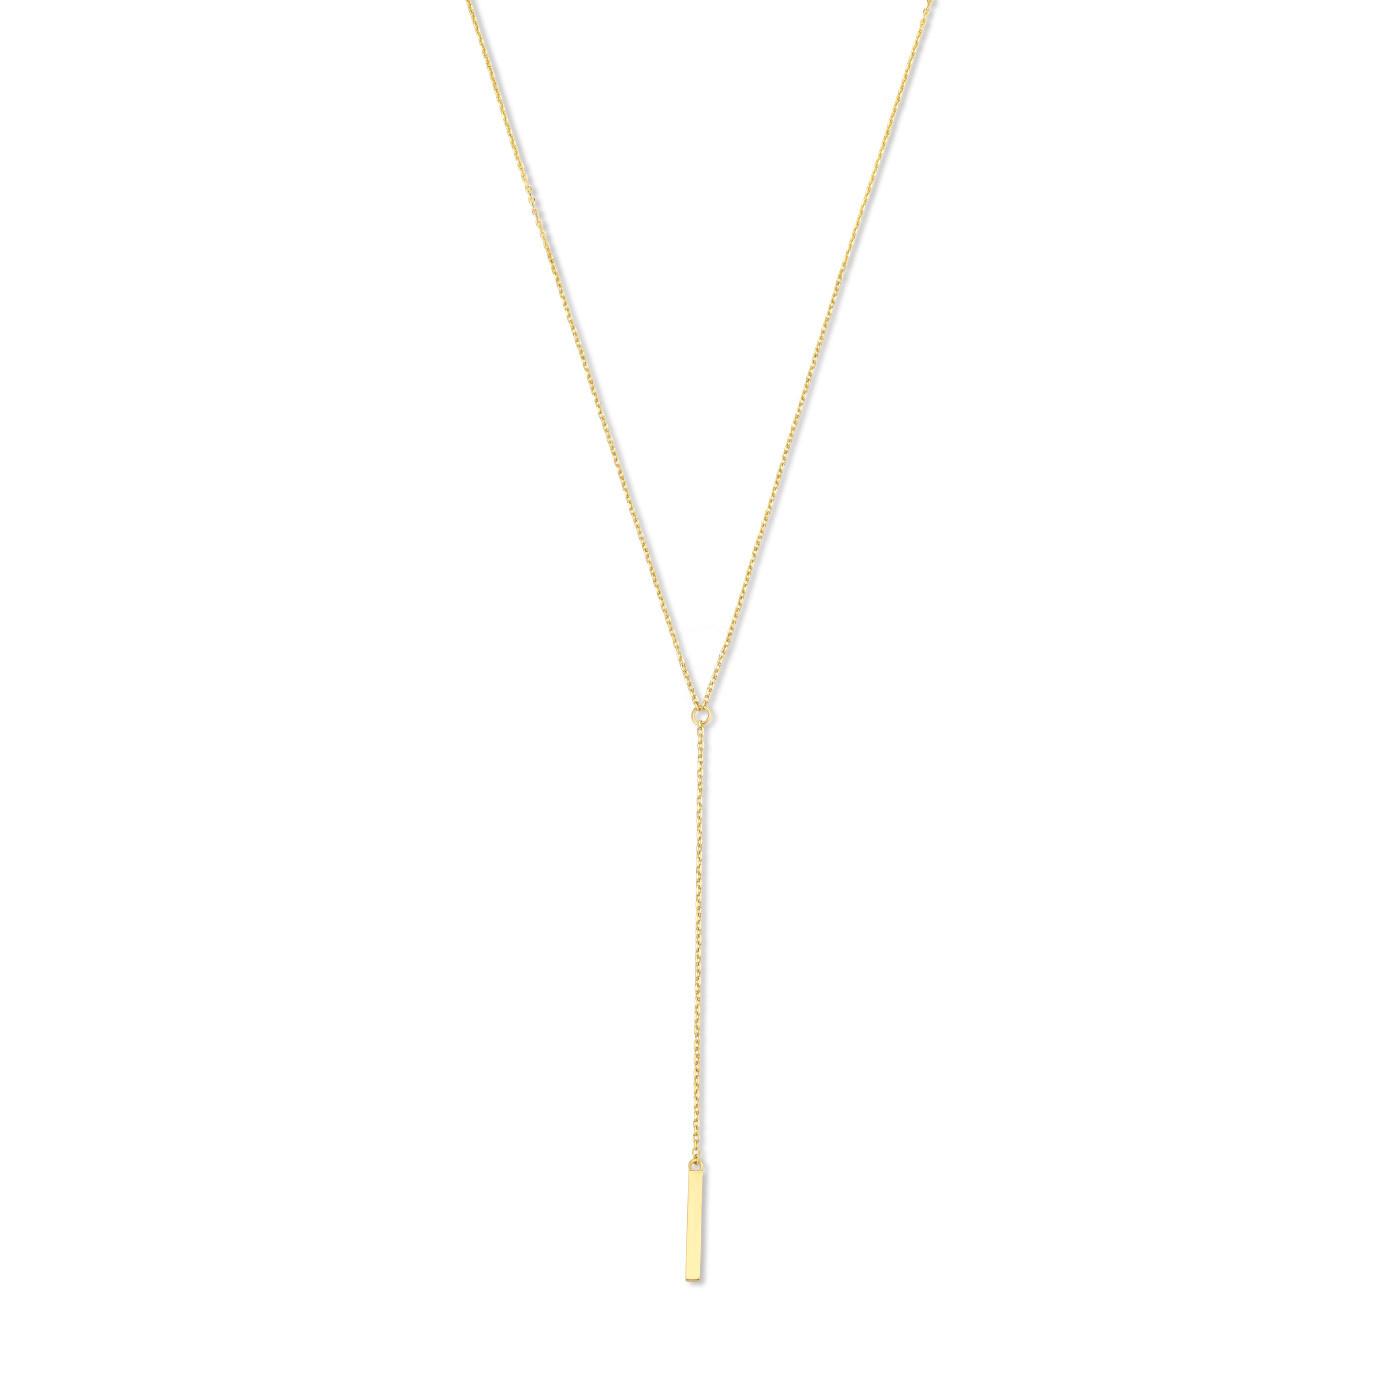 Isabel Bernard Le Marais Dauphine collier en or 14 carats